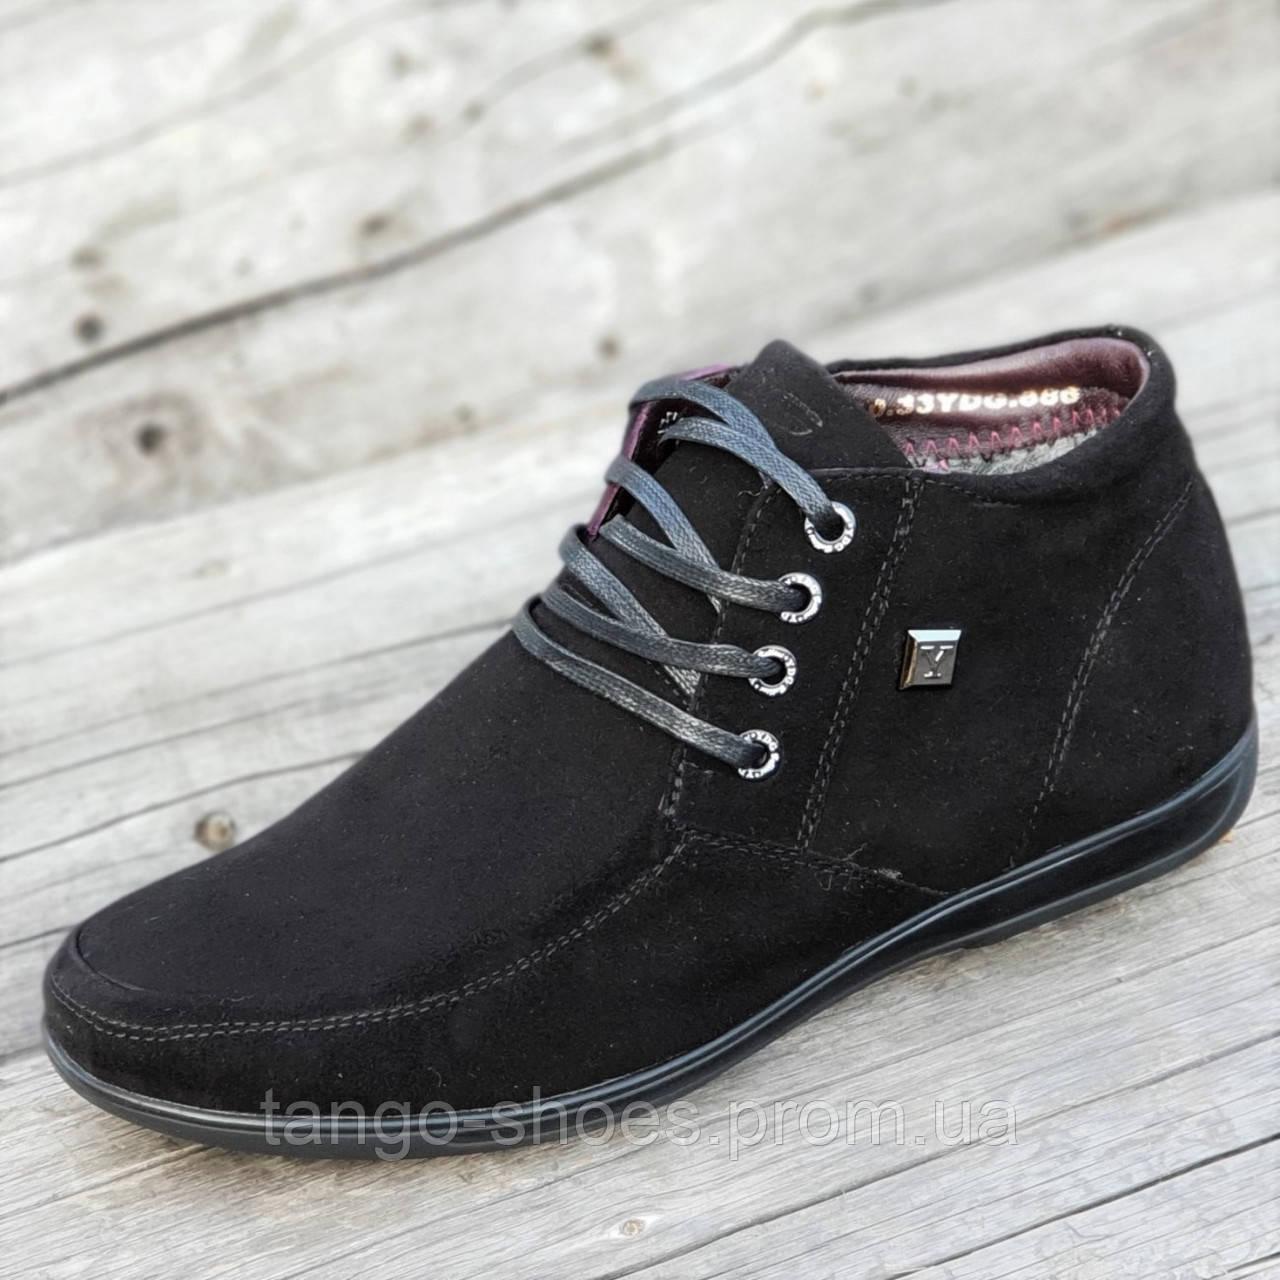 16d70dc3e Мужские зимние классические мужские ботинки, полуботинки черные стильные  натуральная замша и мех (Код: